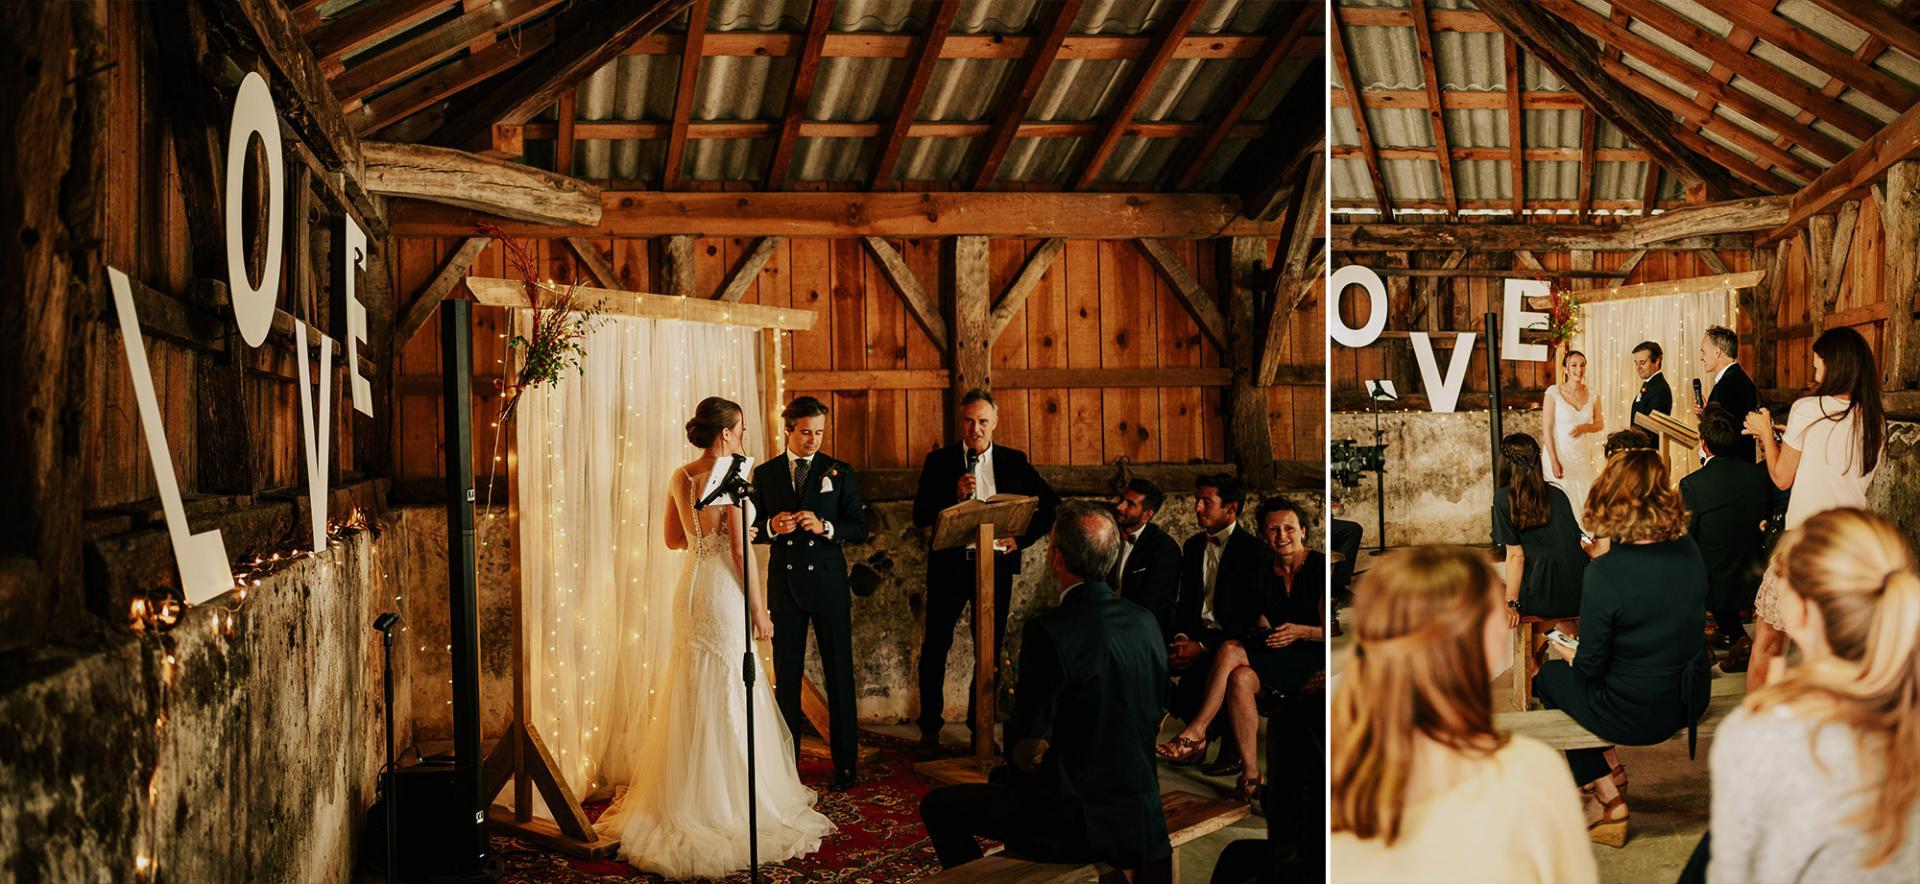 16 photographe de mariage landes dax aquitaine allison micallef ceremonie intimiste